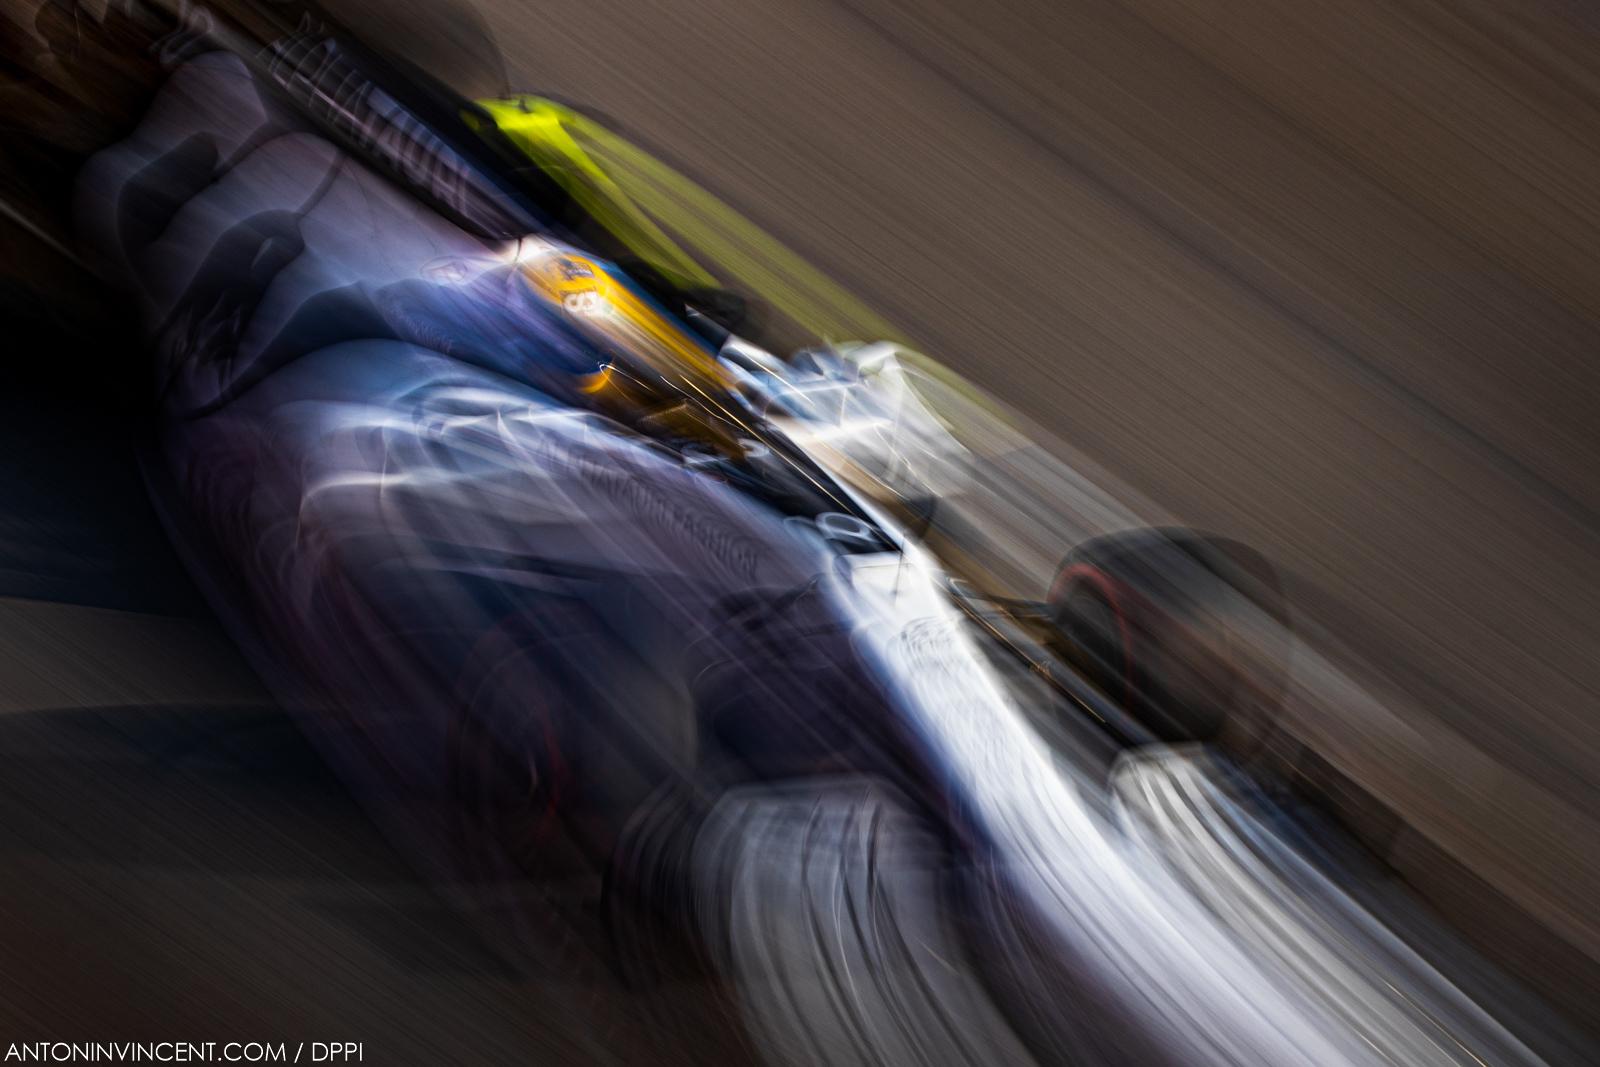 10 GASLY Pierre (fra), Scuderia AlphaTauri Honda AT01, action during the Formula 1 Emirates Gran Premio Dell'emilia Romagna 2020, Emilia Romagna Grand Prix, from October 31 to November 1, 2020 on the Autodromo Internazionale Enzo e Dino Ferrari, in Imola, Italy - Photo Antonin Vincent / DPPI